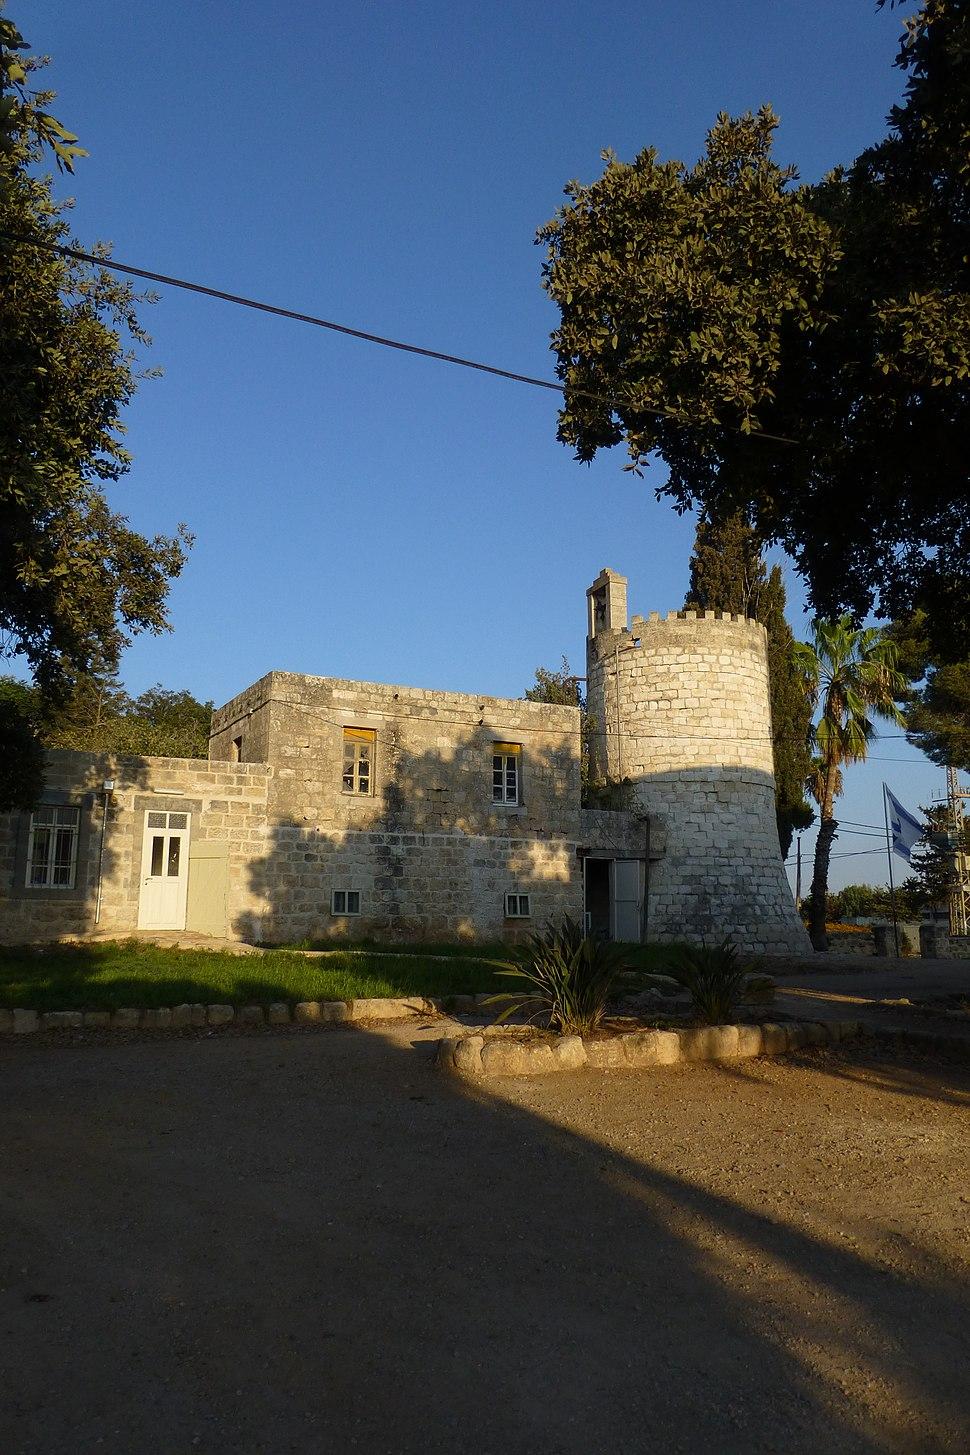 הגליל התחתון - בית לחם הגלילית - המתחם הטמפלרי (5)